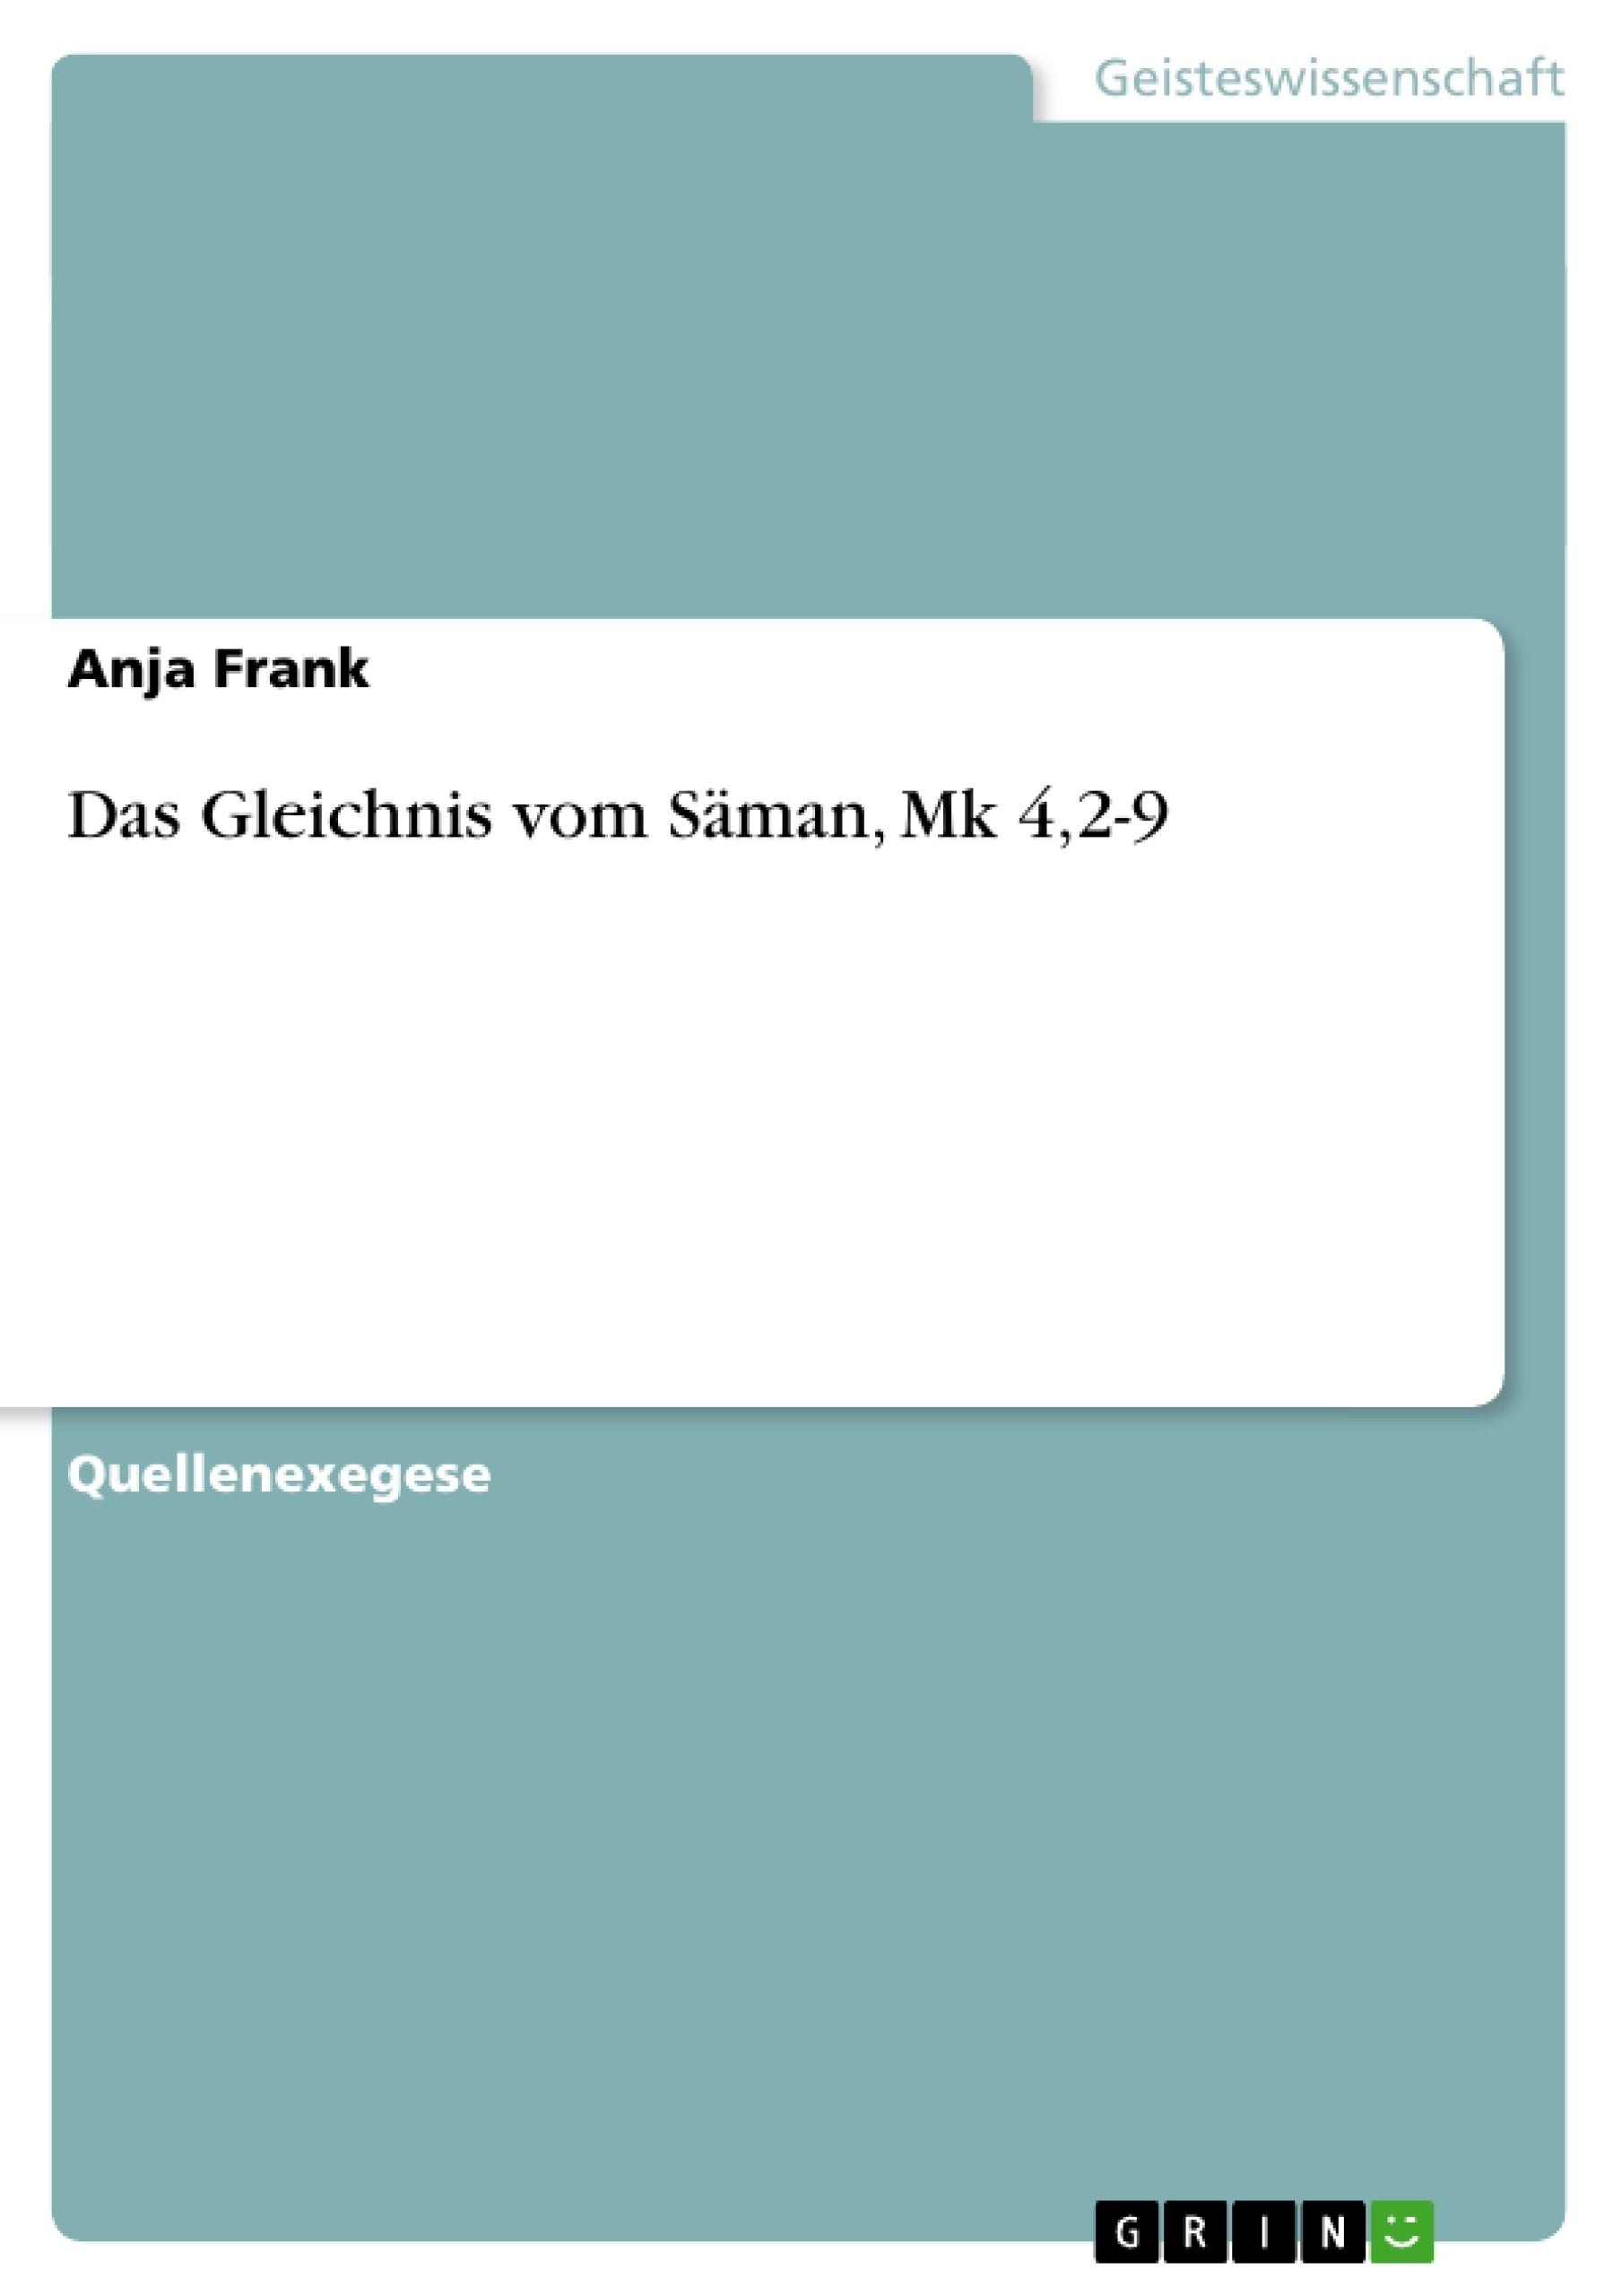 Titel: Das Gleichnis vom Säman, Mk 4,2-9